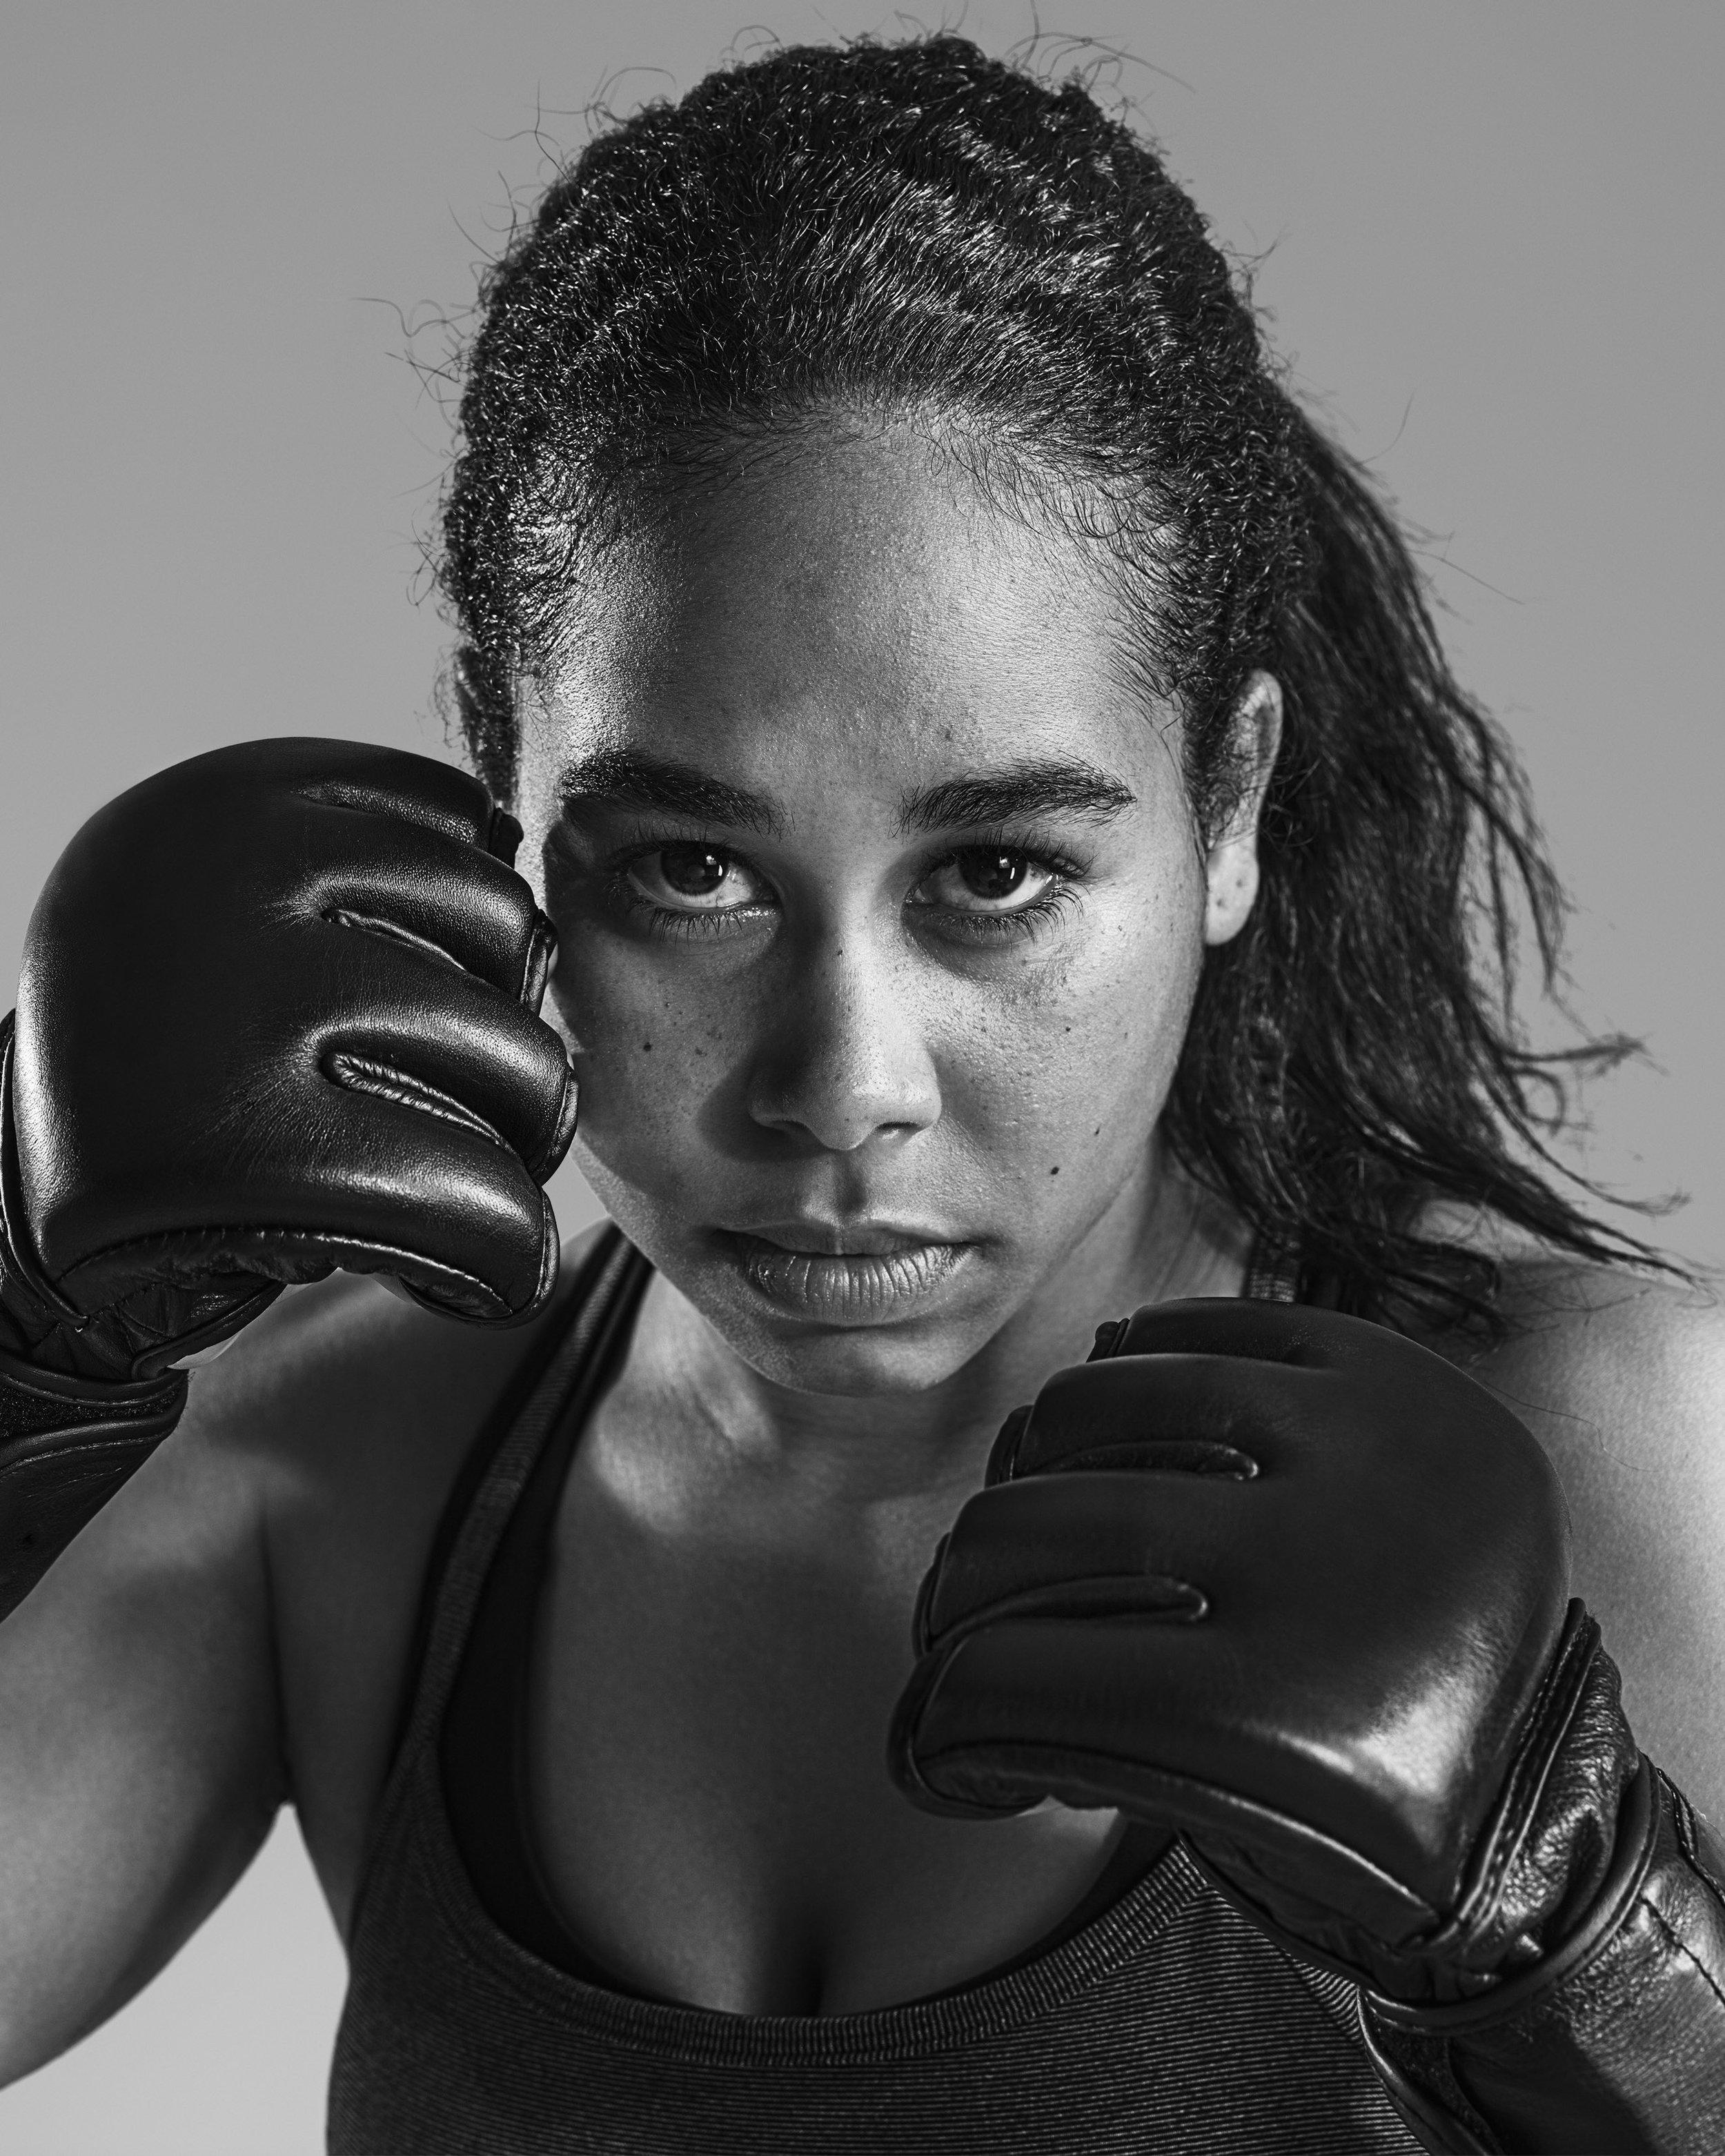 UFC167146-R3-150dpi copy.jpg